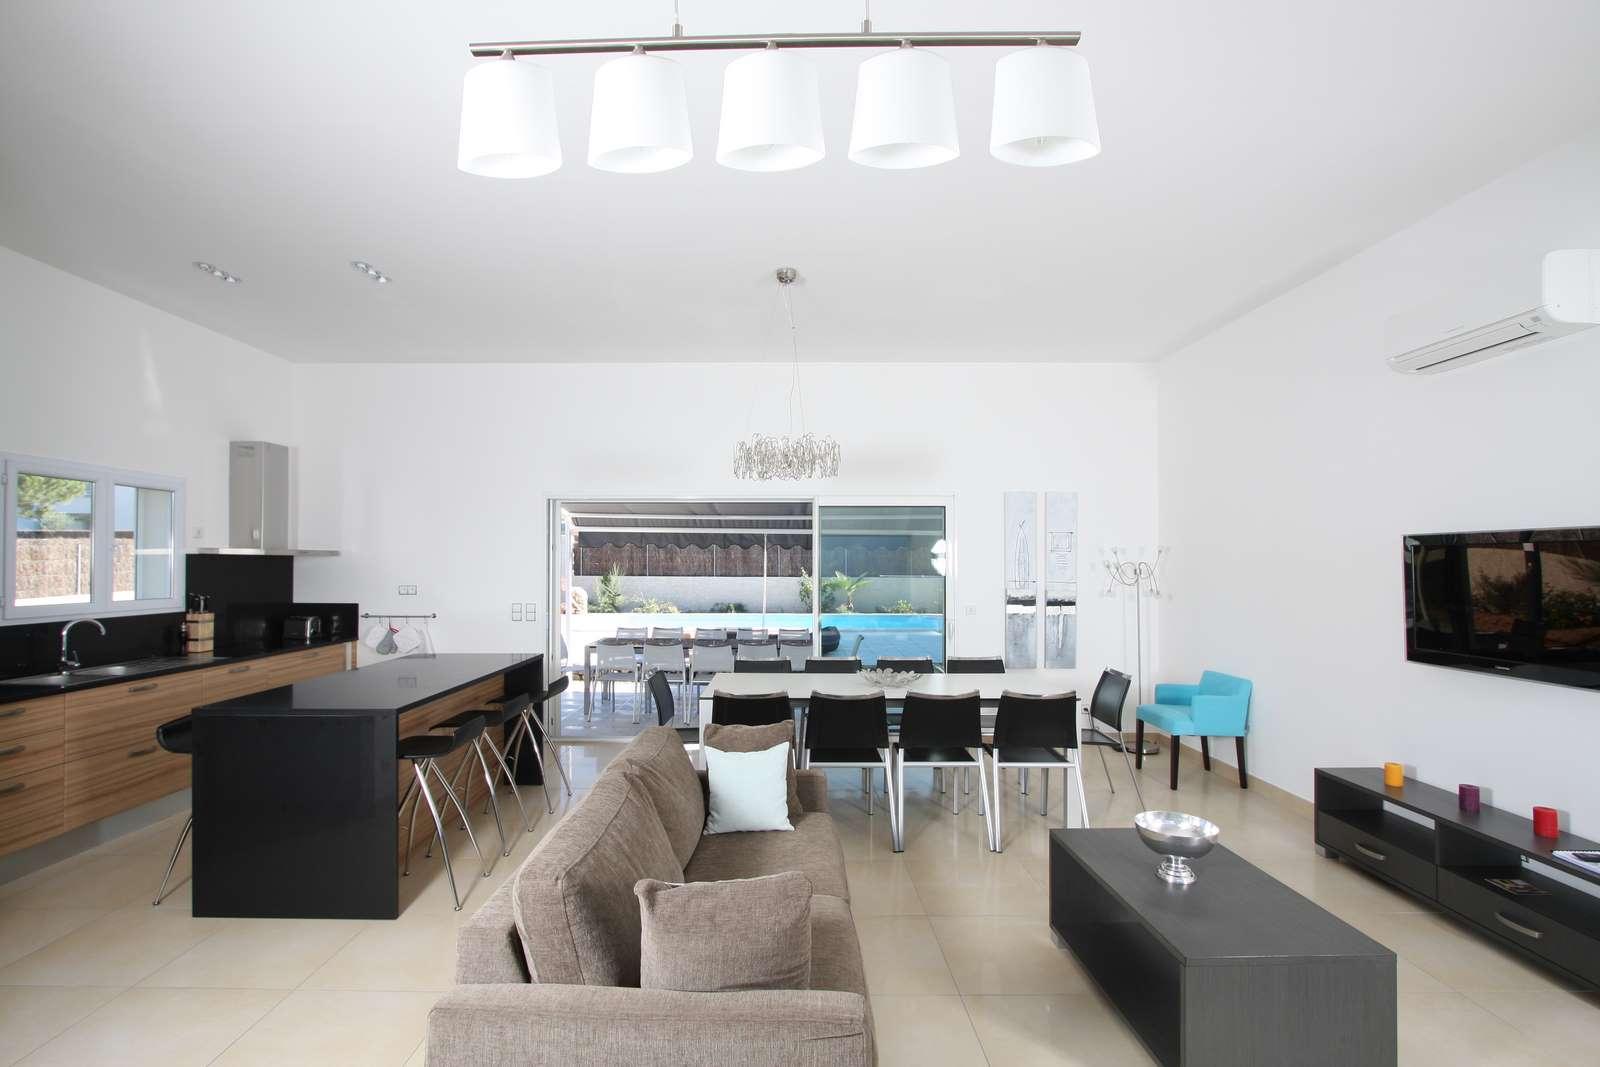 Offre d achat immobilier jouer son avenir for Annulation offre d achat maison